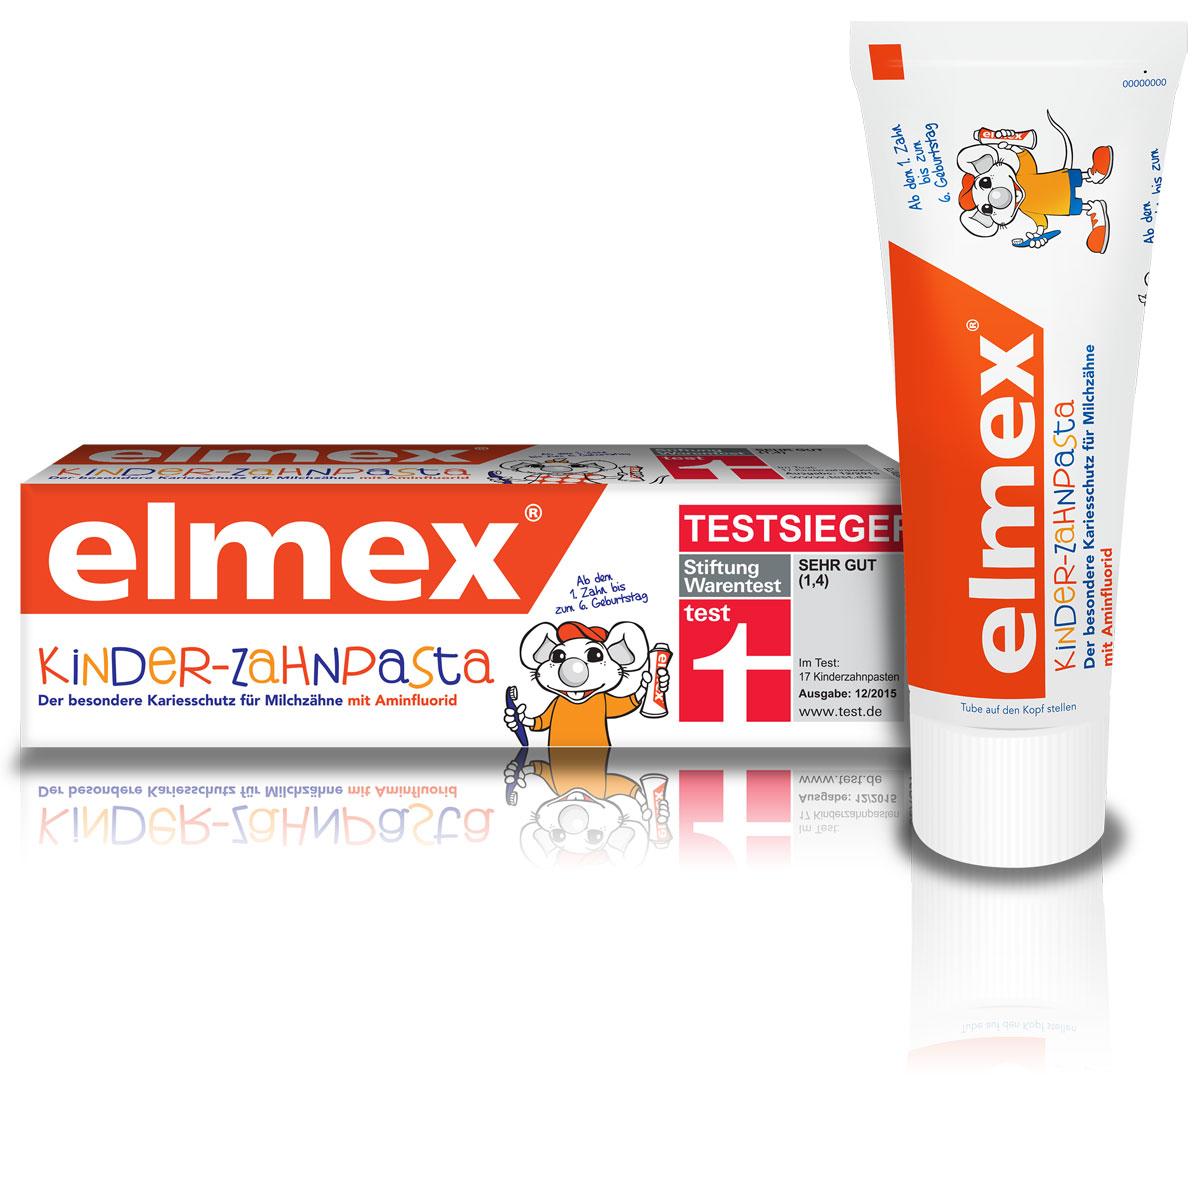 Colgate Зубная паста Elmex, детская, для детей с 1-го зуба и до 6 лет, 50 мл невская косметика новый жемчуг зубная паста детская от 1 до 6 лет апельсин 50 мл